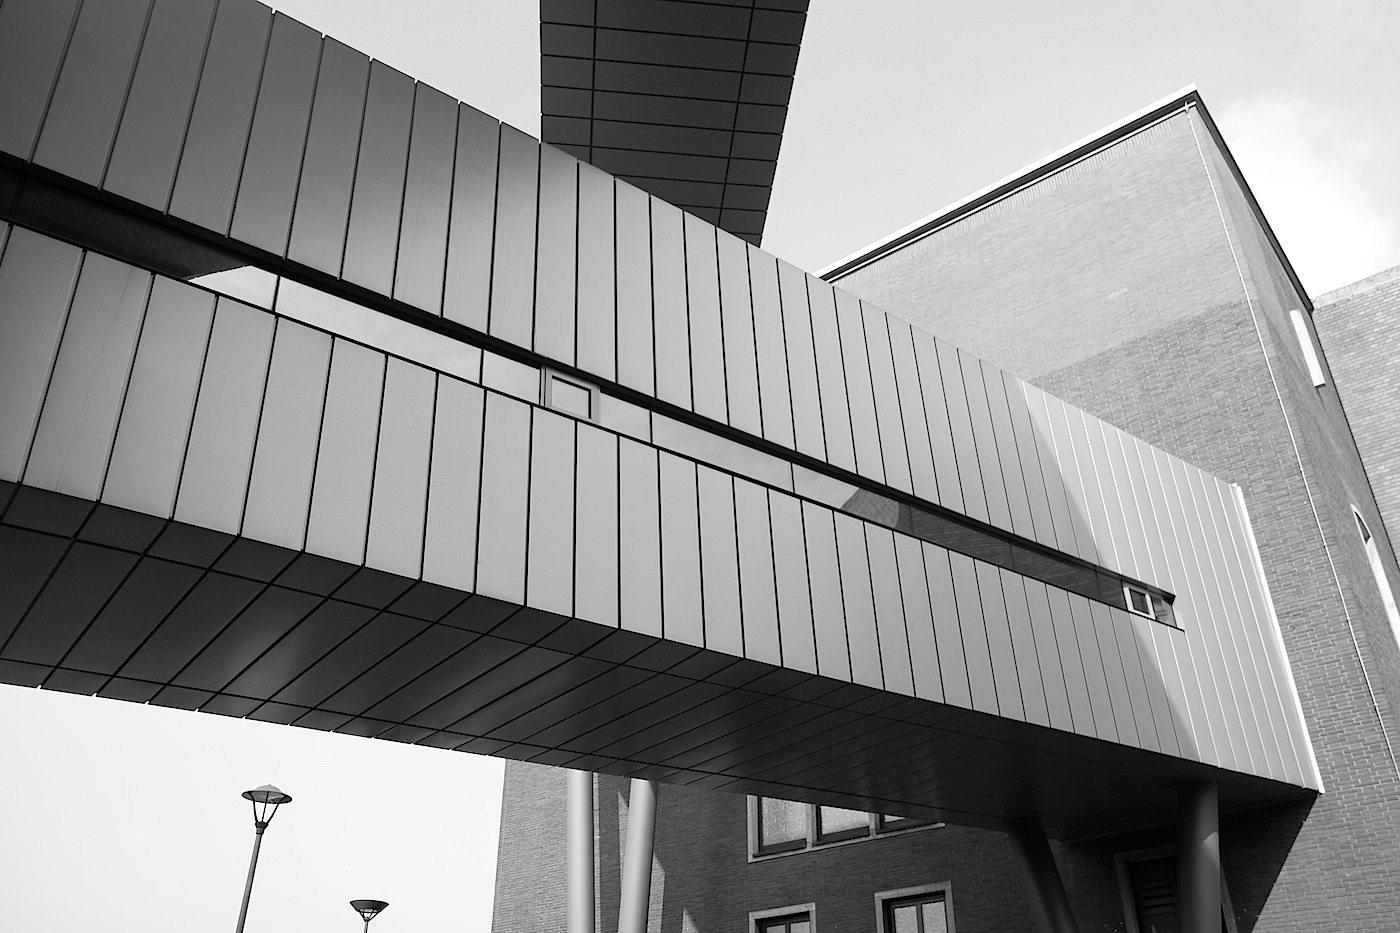 Deutsches Bergbau Museum. Die Erweiterung mit den großen, verglasten Treppengängen stellt einen Schnitt durch ein Stollensystem dar.